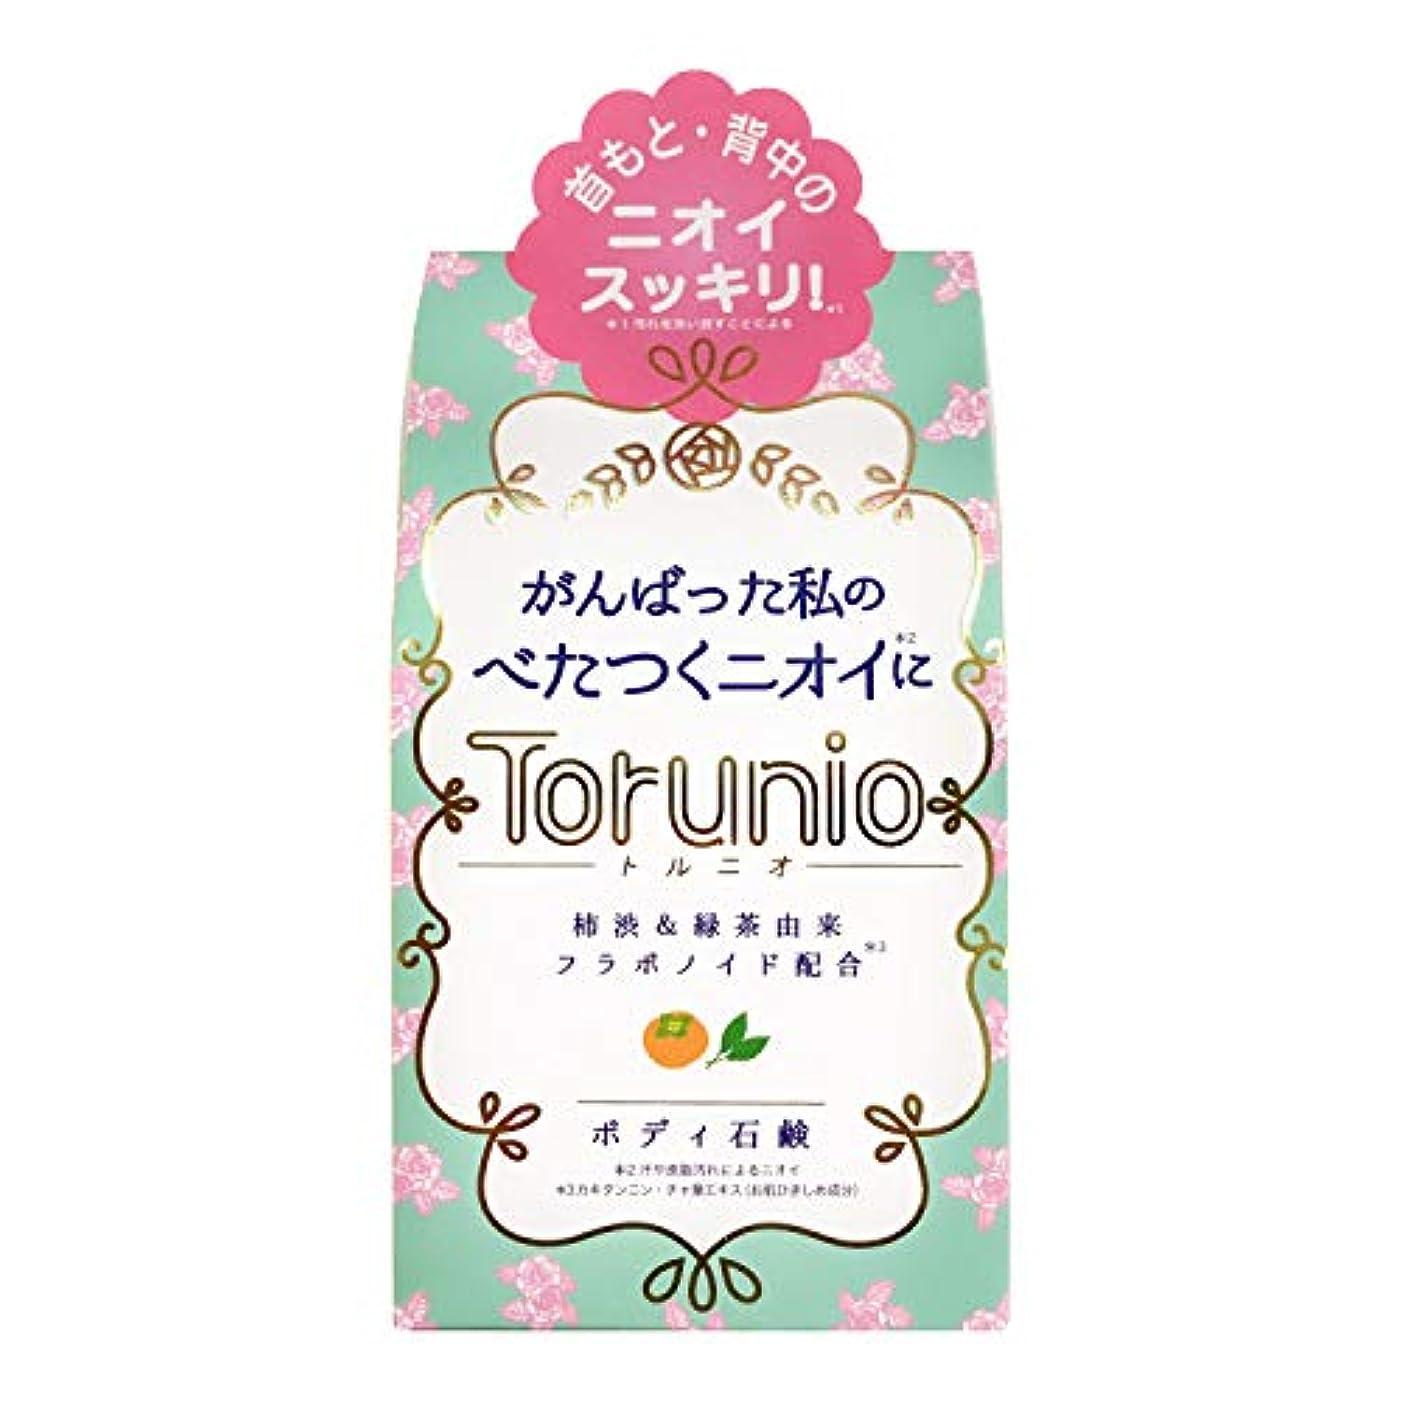 またねトライアスロンマラソンTorunio(トルニオ)石鹸 100g